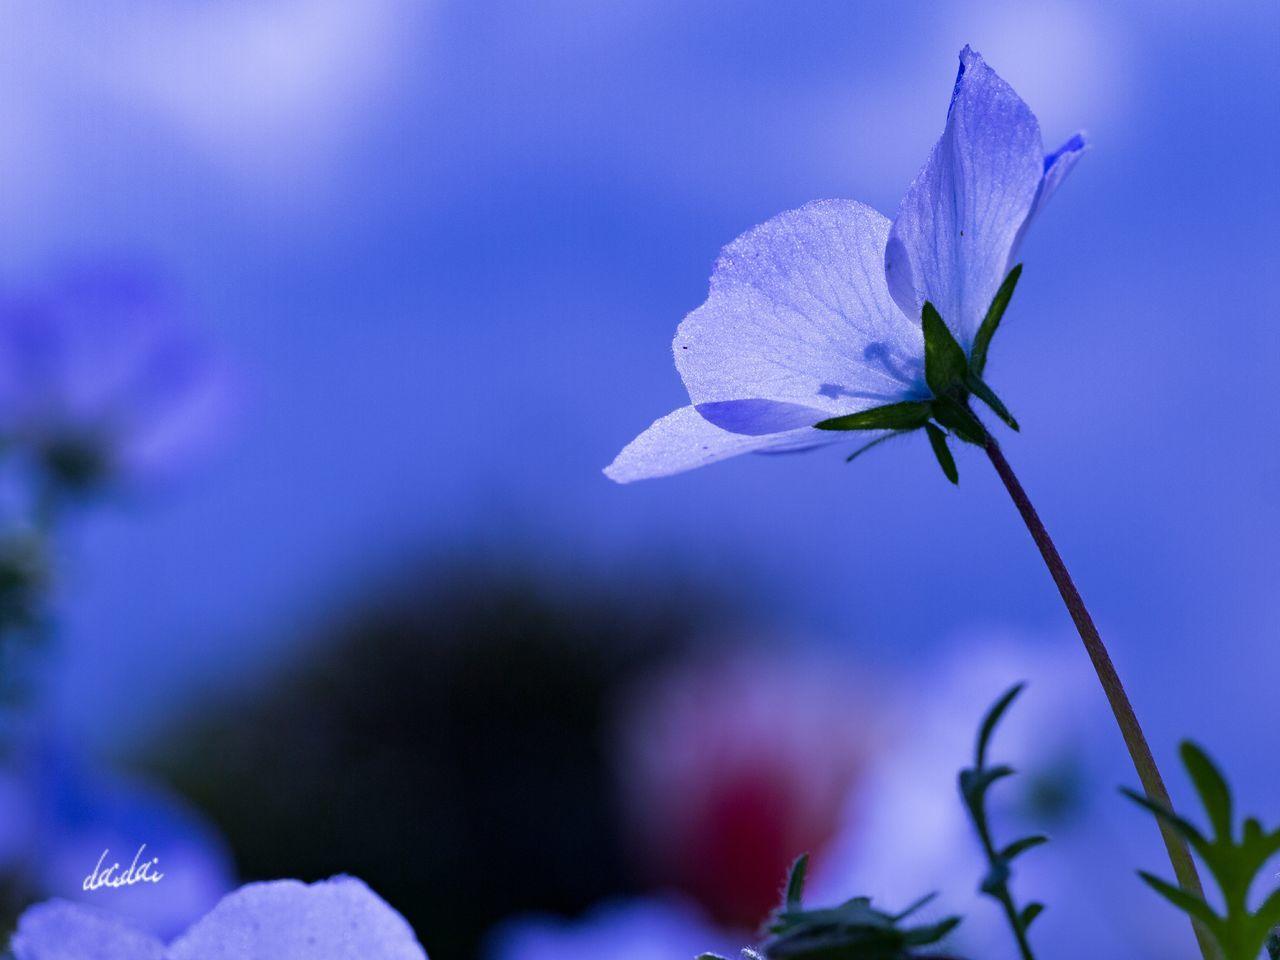 あの青をこえて E-PL3 フルサイズの一眼が欲しくなってきたよ。。。 RAW 編集 海の中道海浜公園 Bokeh 花 Flower ネモフィラ 瑠璃唐草 Beauty In Nature Fukuokadeeps Baby Blue Eyes 逆光部